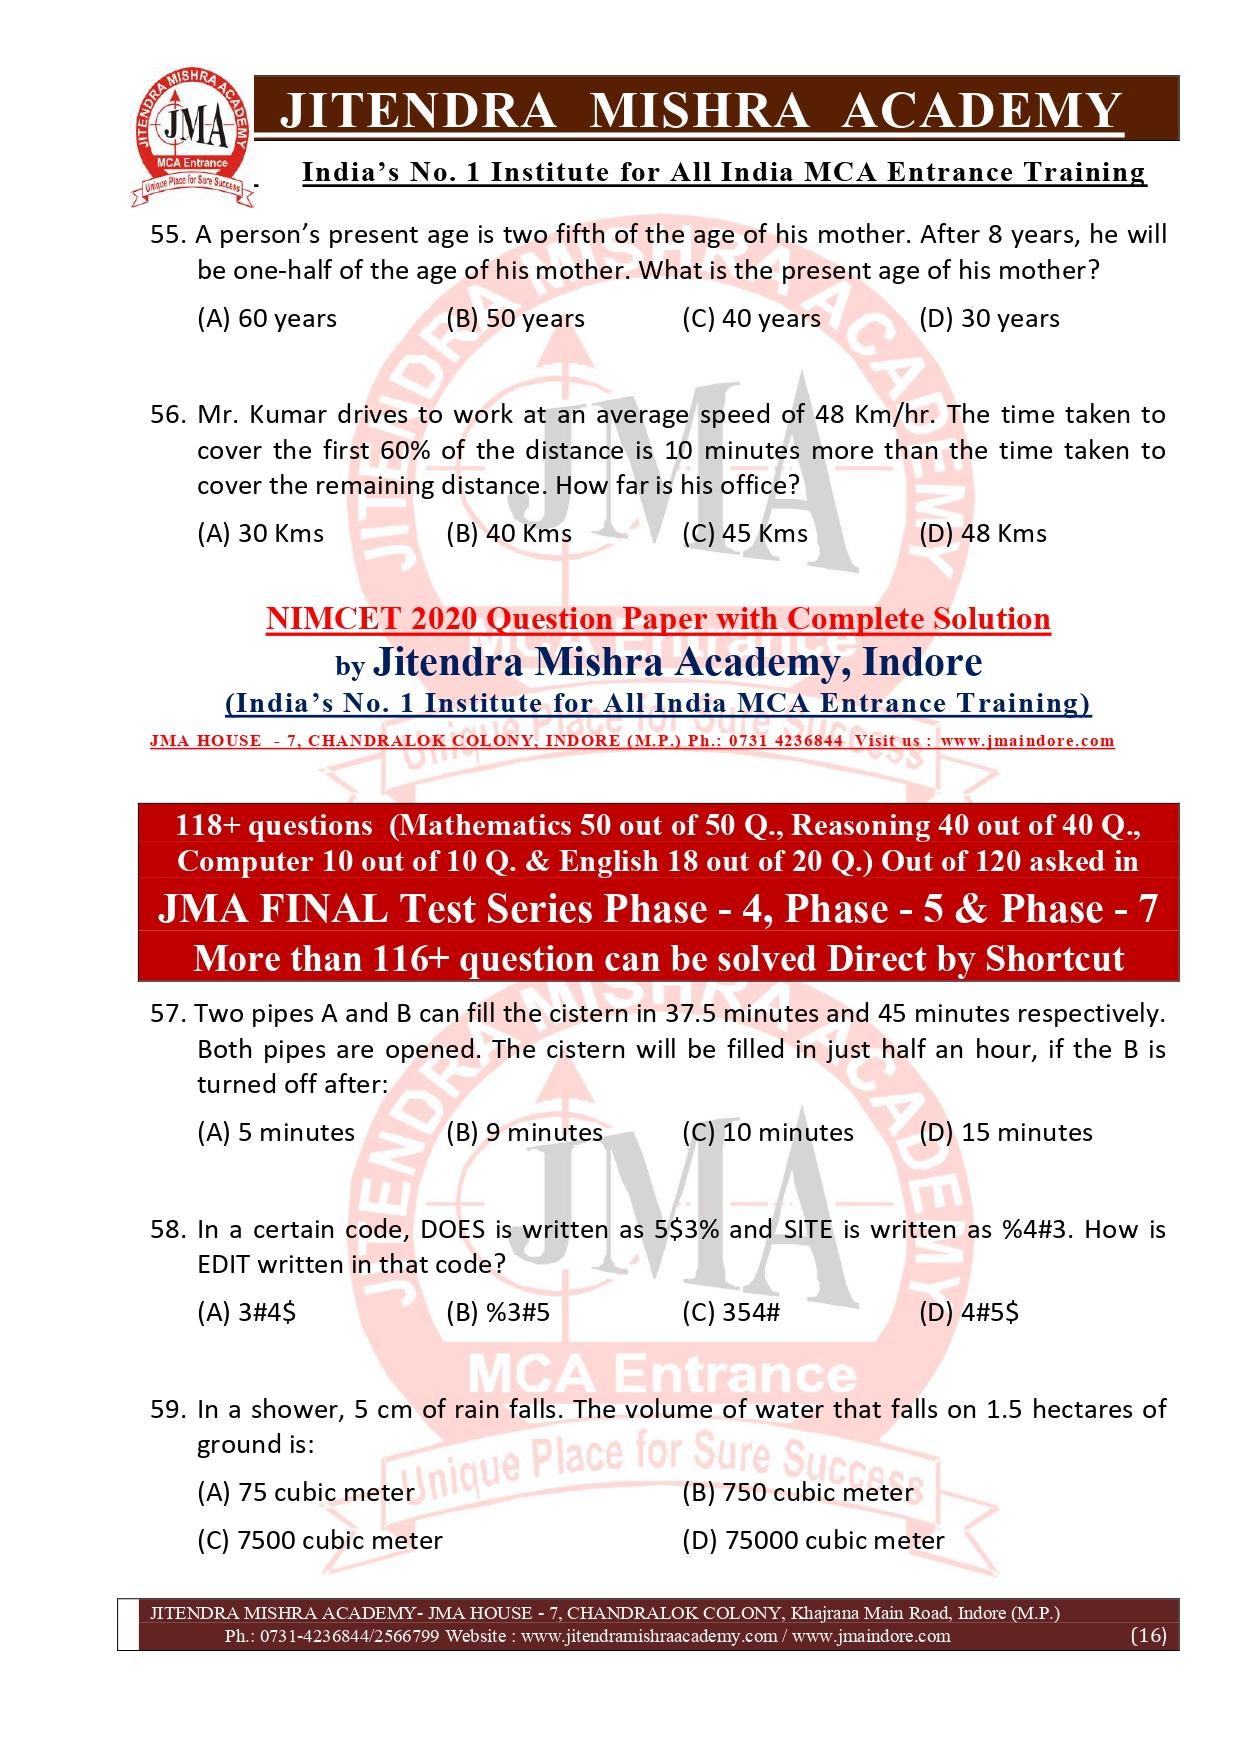 NIMCET 2020 QUESTION PAPER (FINAL)_page-0016